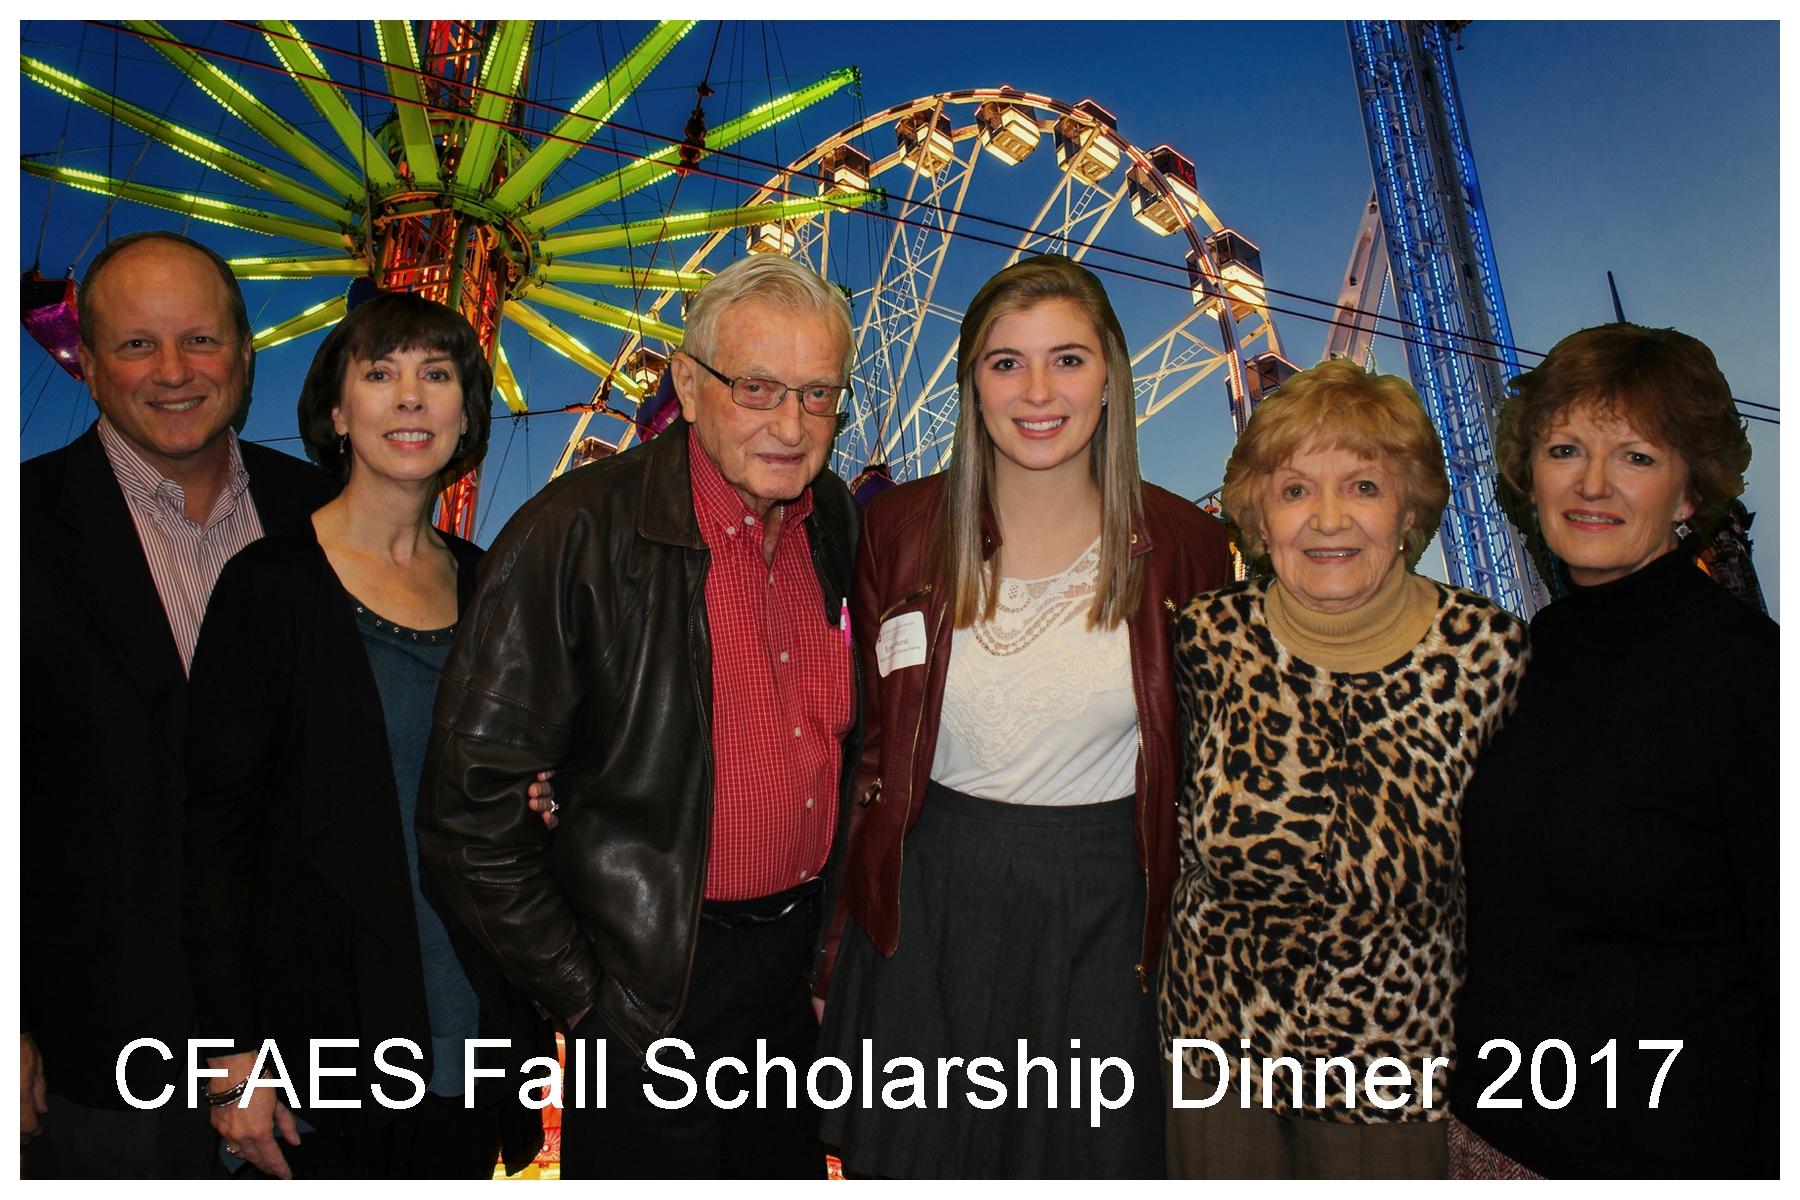 2017 CFAES Fall Scholarship Dinner